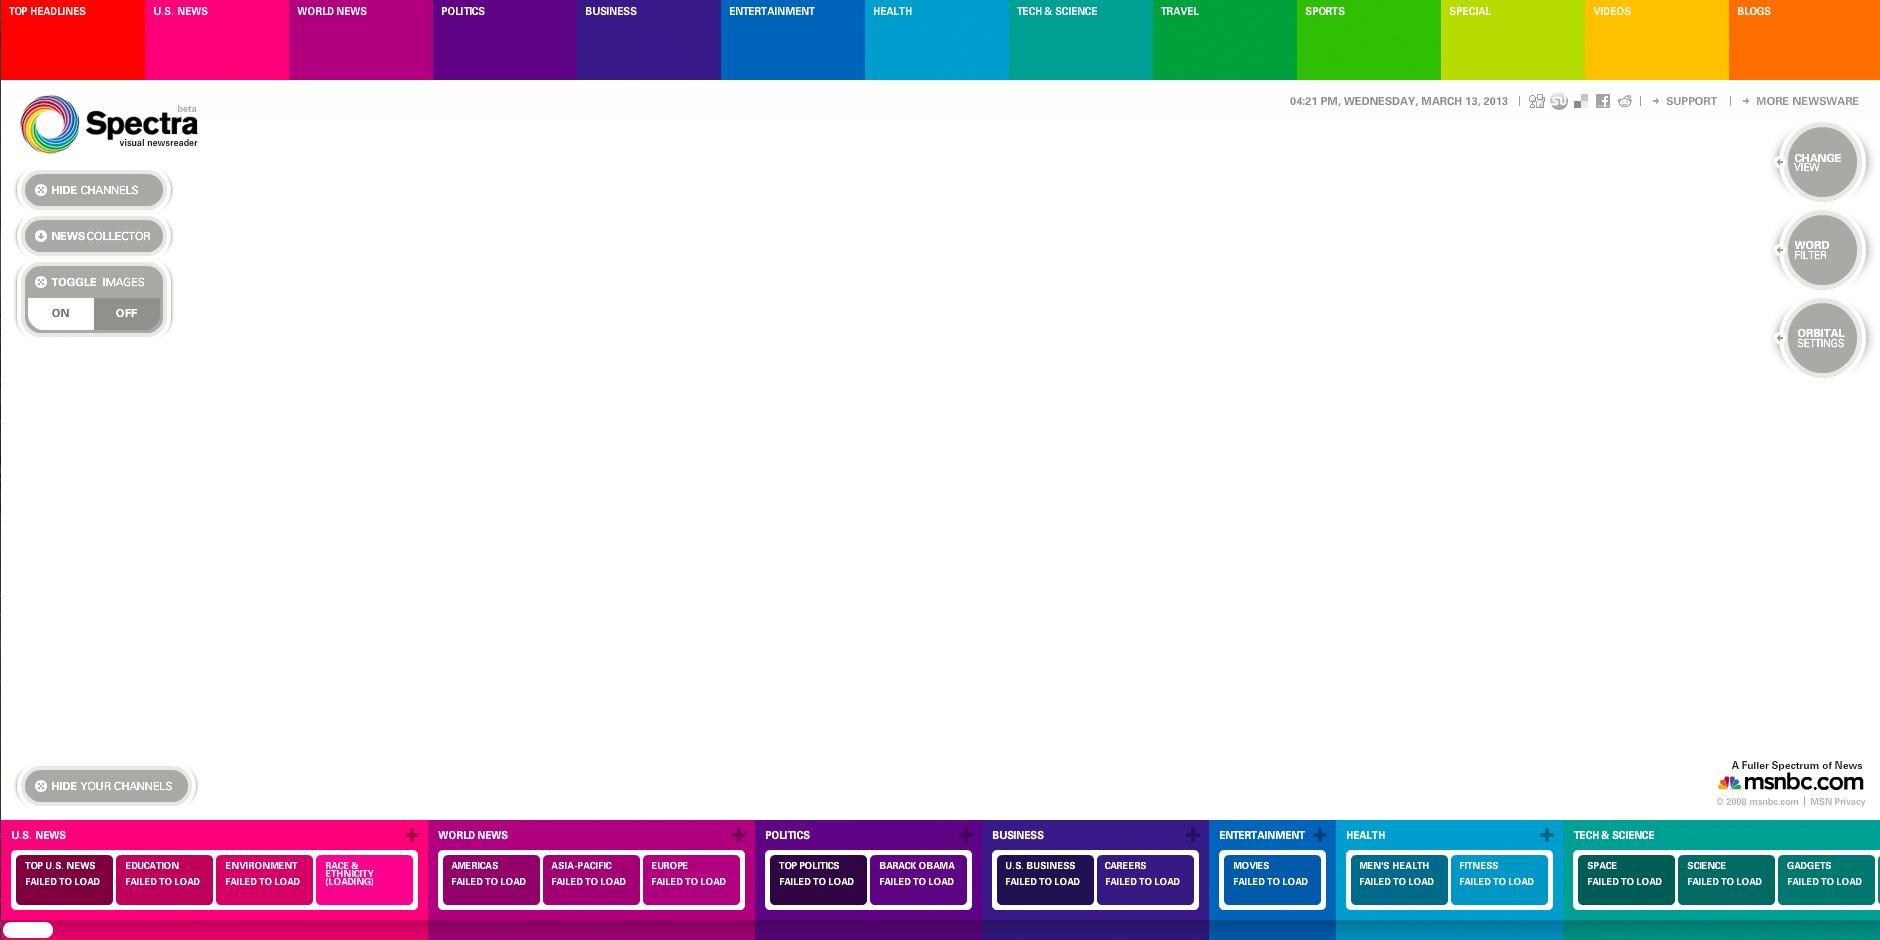 Nominee - Spectra Visual Newsreader | msnbc.com